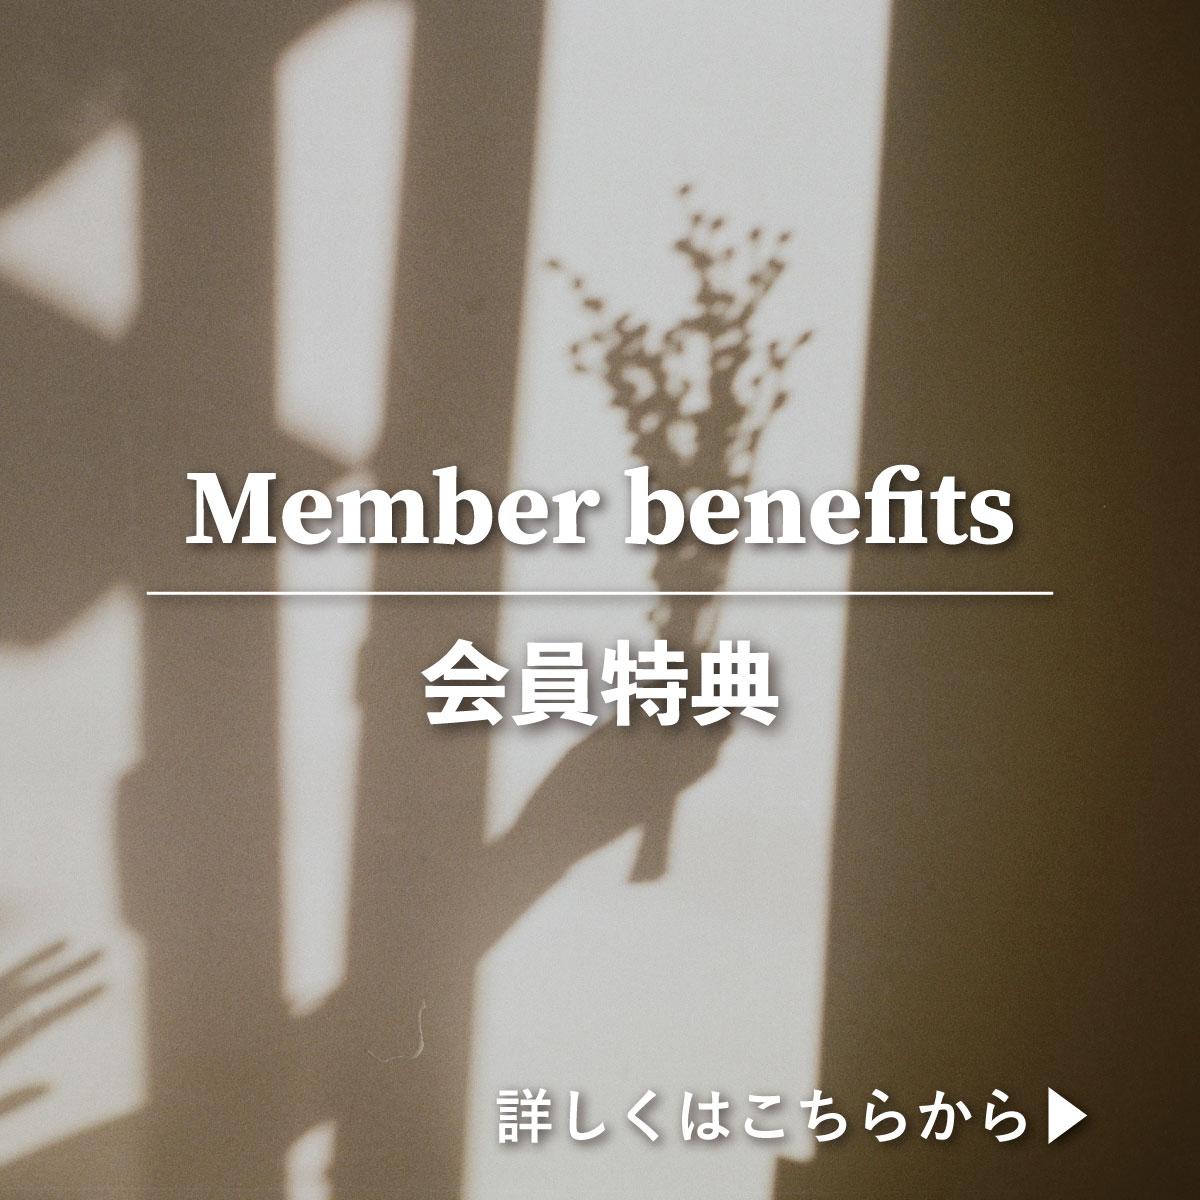 Hinata Life会員様ならMAX Point5%